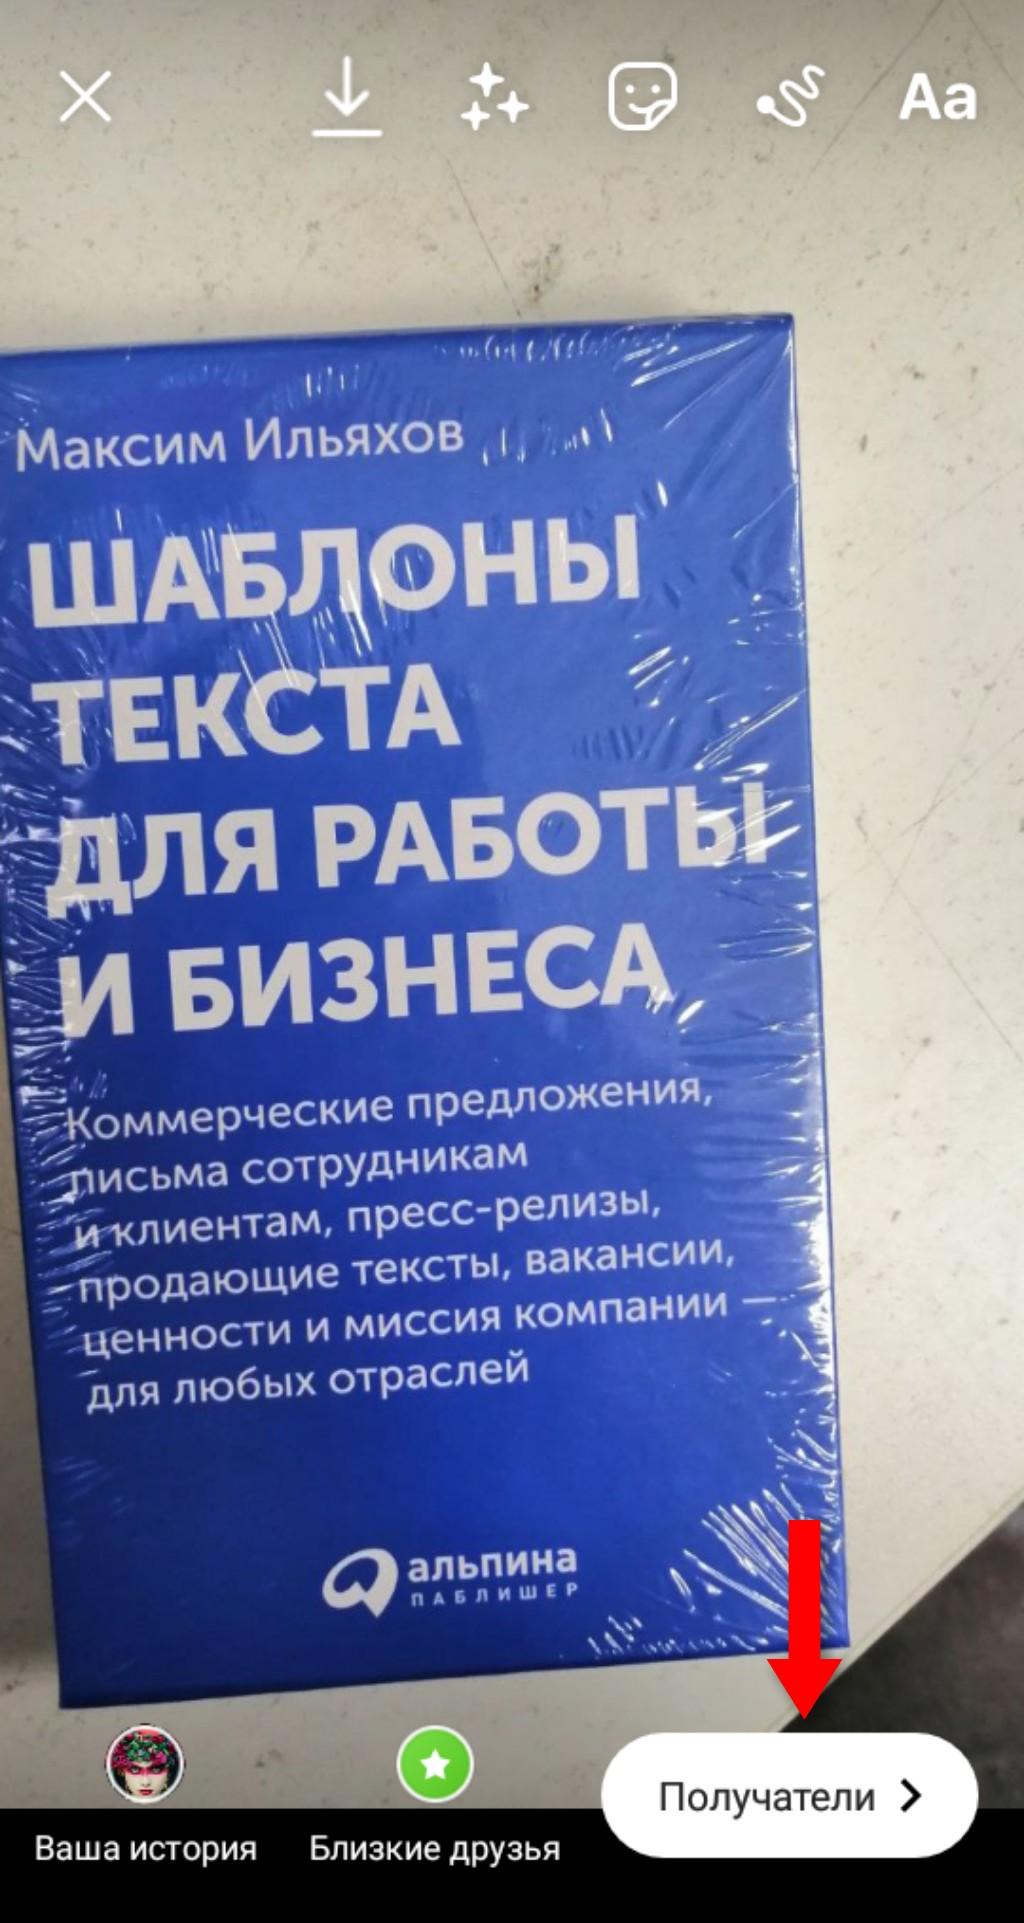 InFrame_1628473861429.jpg